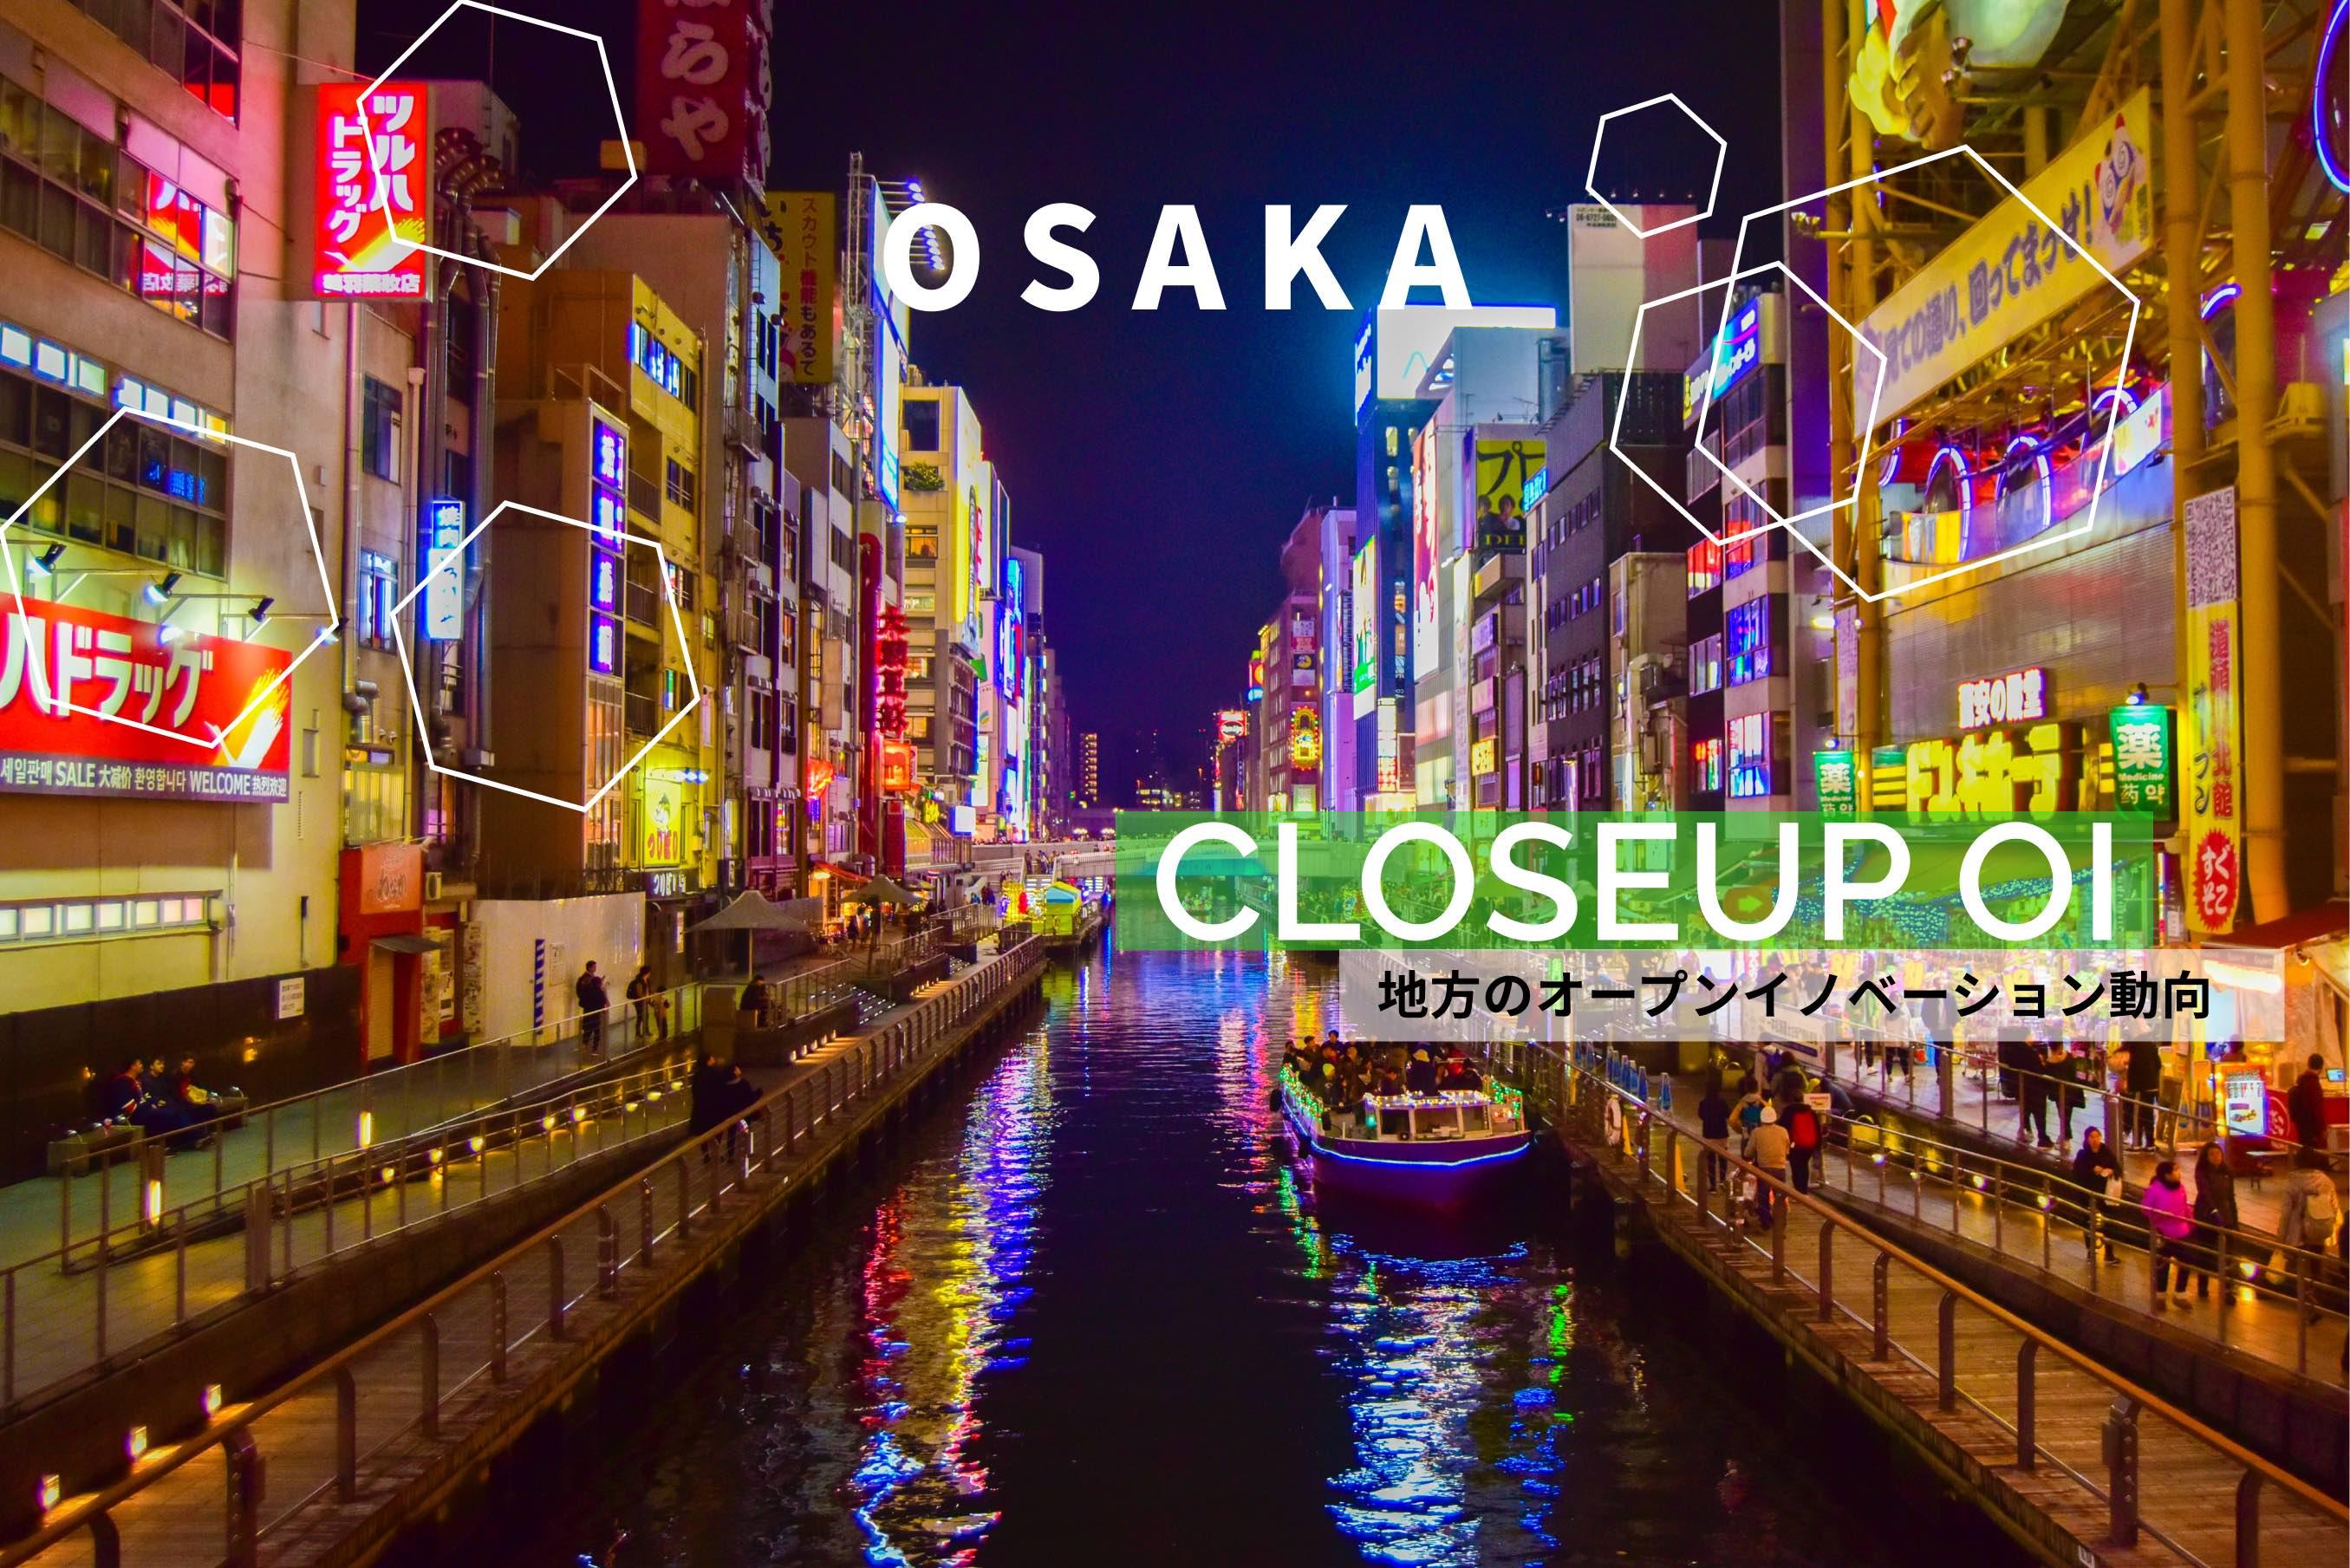 """商いと地場インフラが共存する、大阪の""""日本屈指""""のオープンイノベーション事情"""